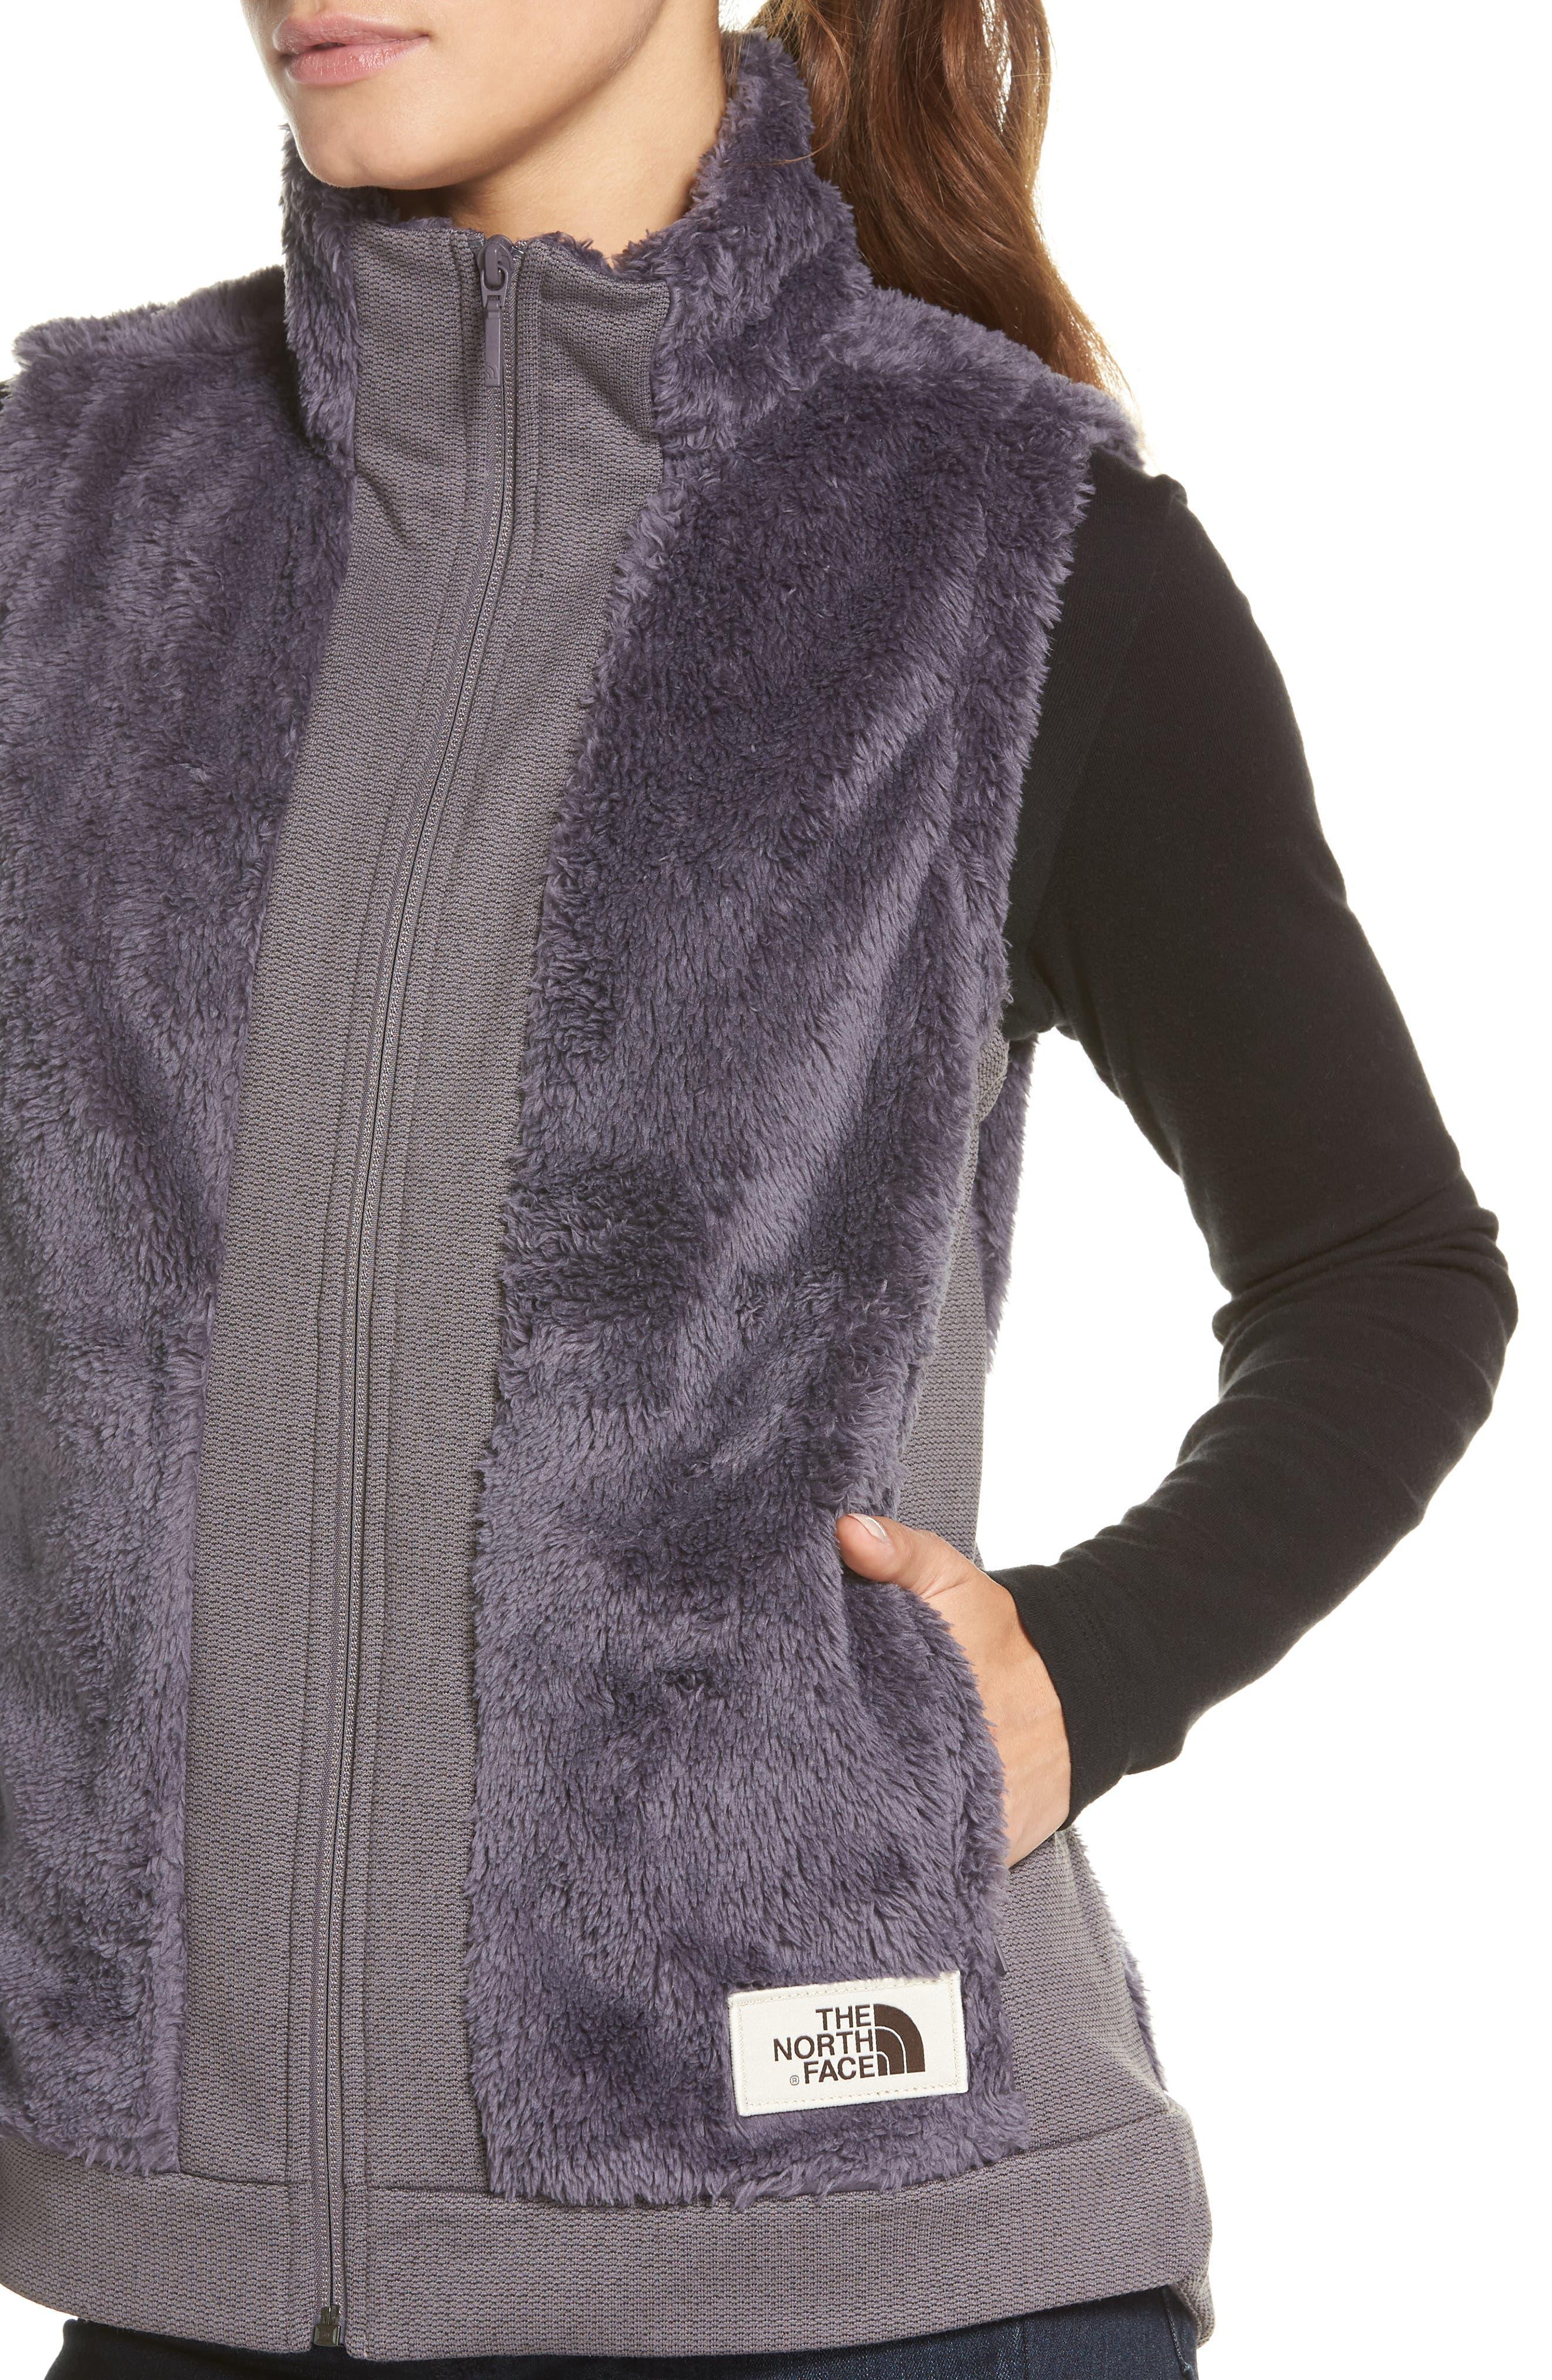 THE NORTH FACE,                             Faux Fur Vest,                             Alternate thumbnail 4, color,                             021